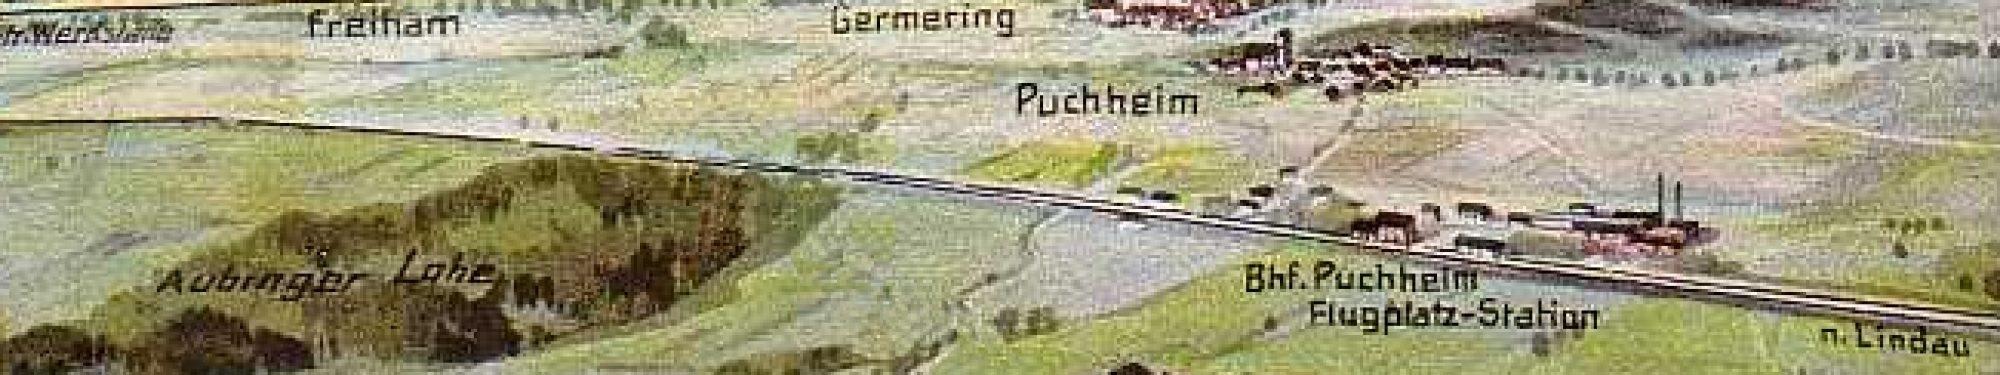 d'Buachhamer